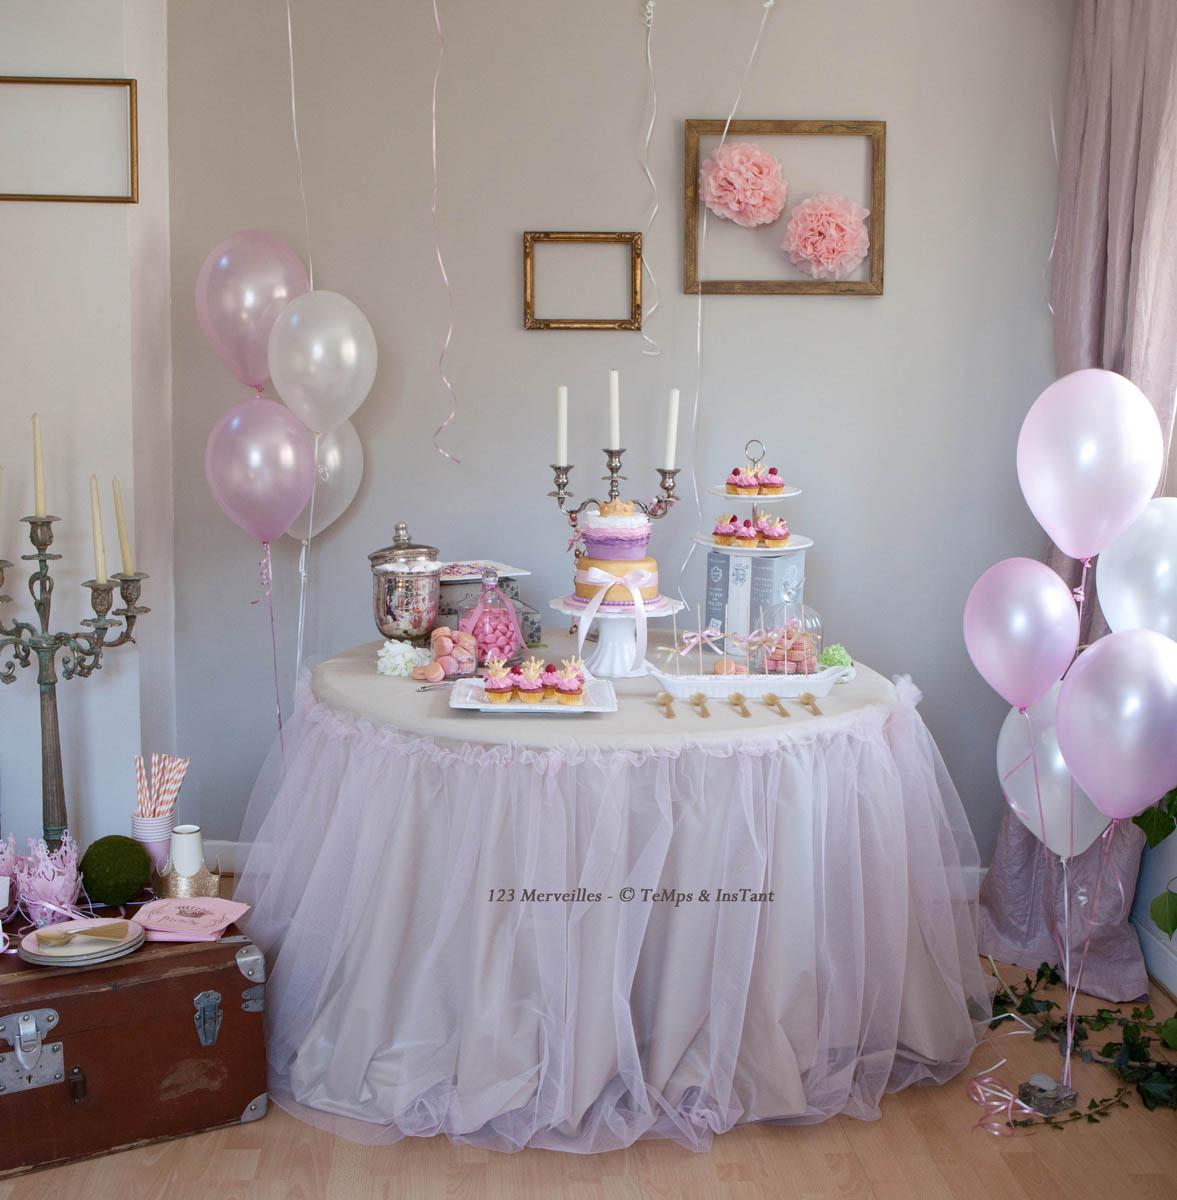 Un anniversaire de princesse pour nellichou 123 - Decoration gateau anniversaire fille princesse ...